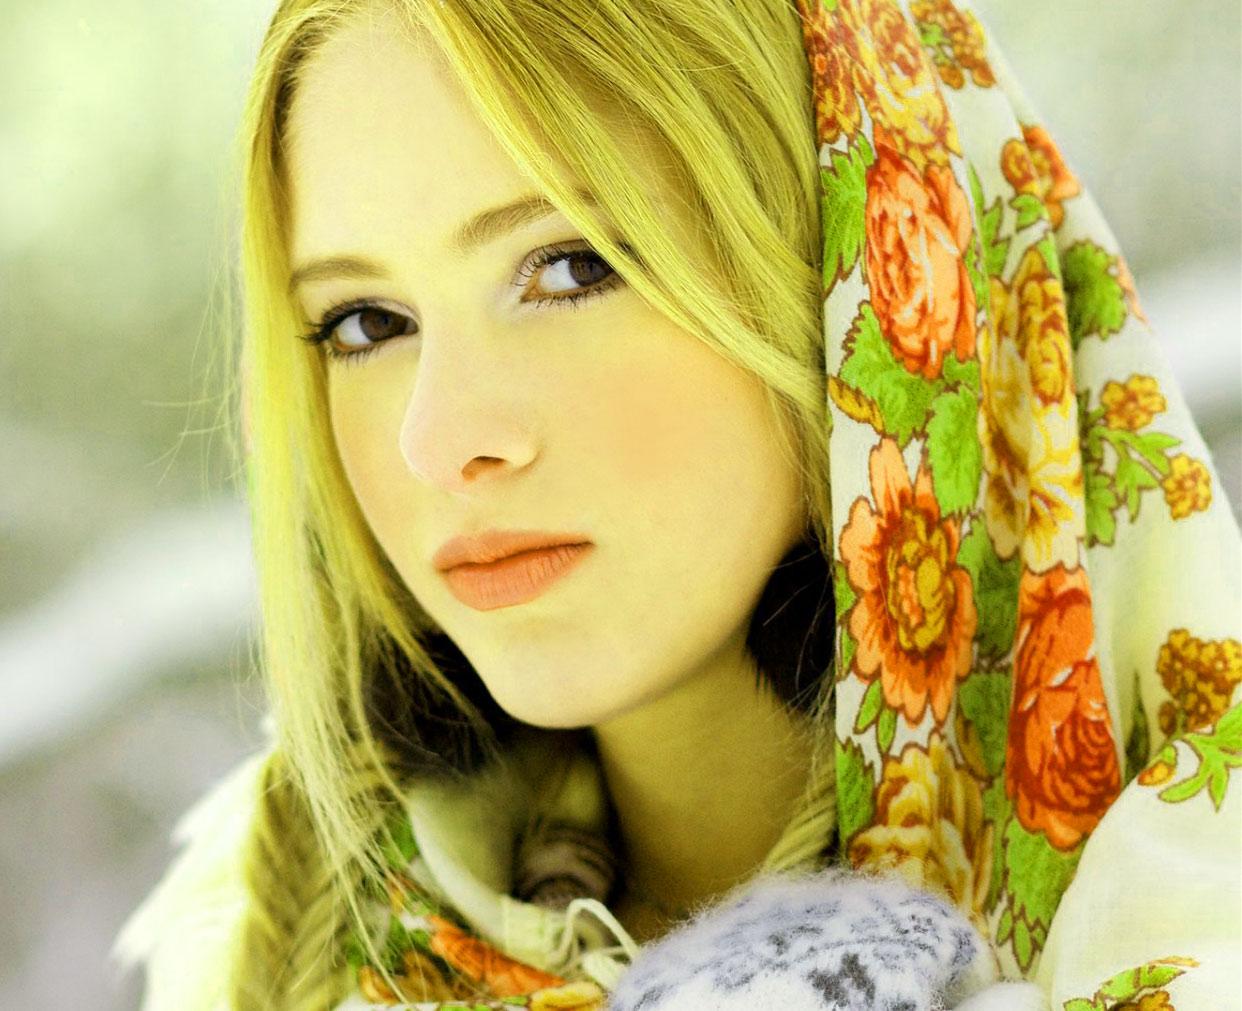 Beautiful Girls Images Wallpaper for Status